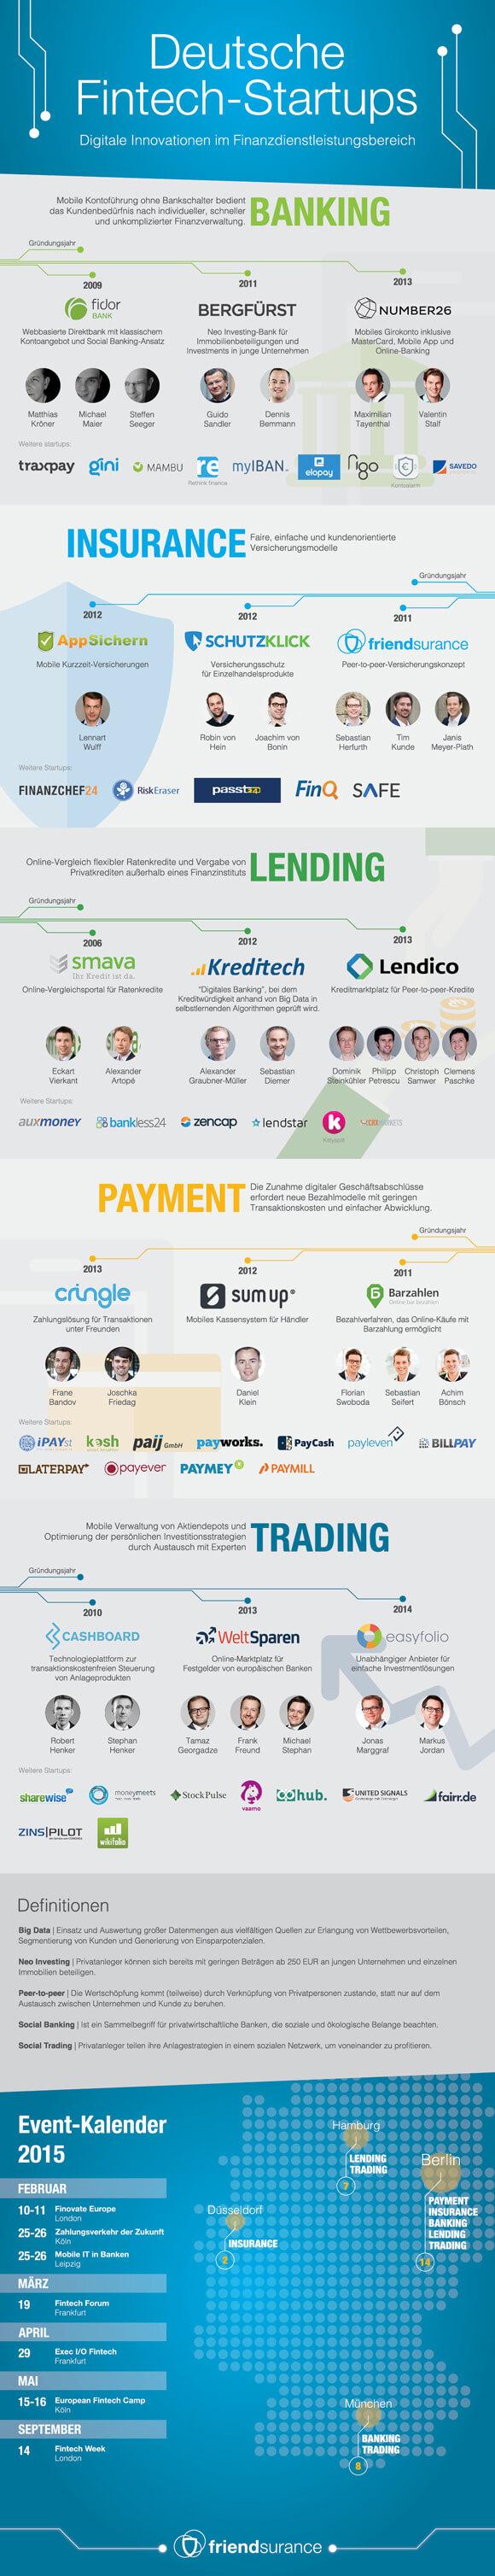 ds-Infografik-Fintech